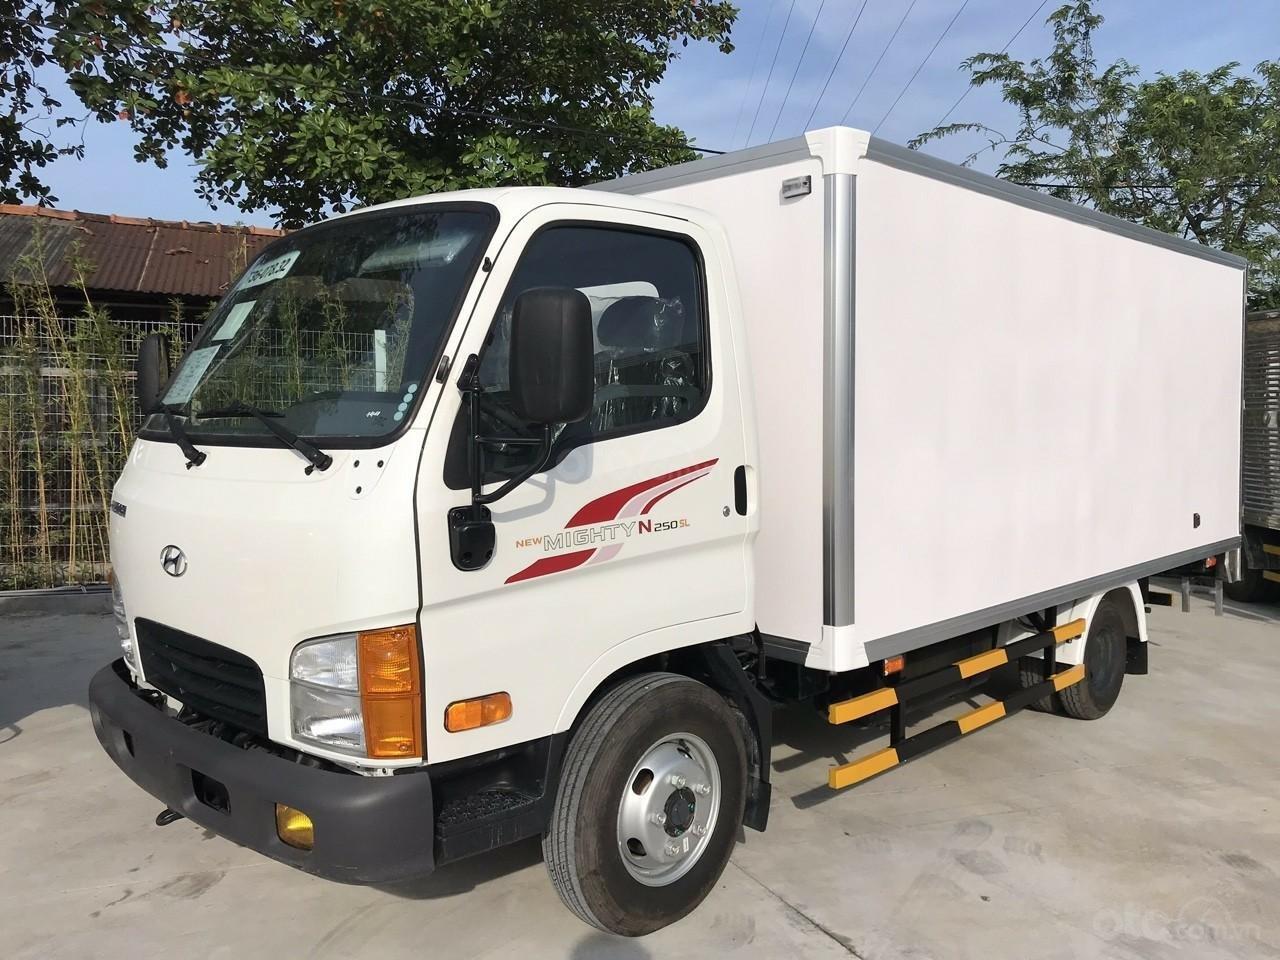 Bán xe Hyundai 2500kg siêu khuyến mãi dịp cuối năm (1)